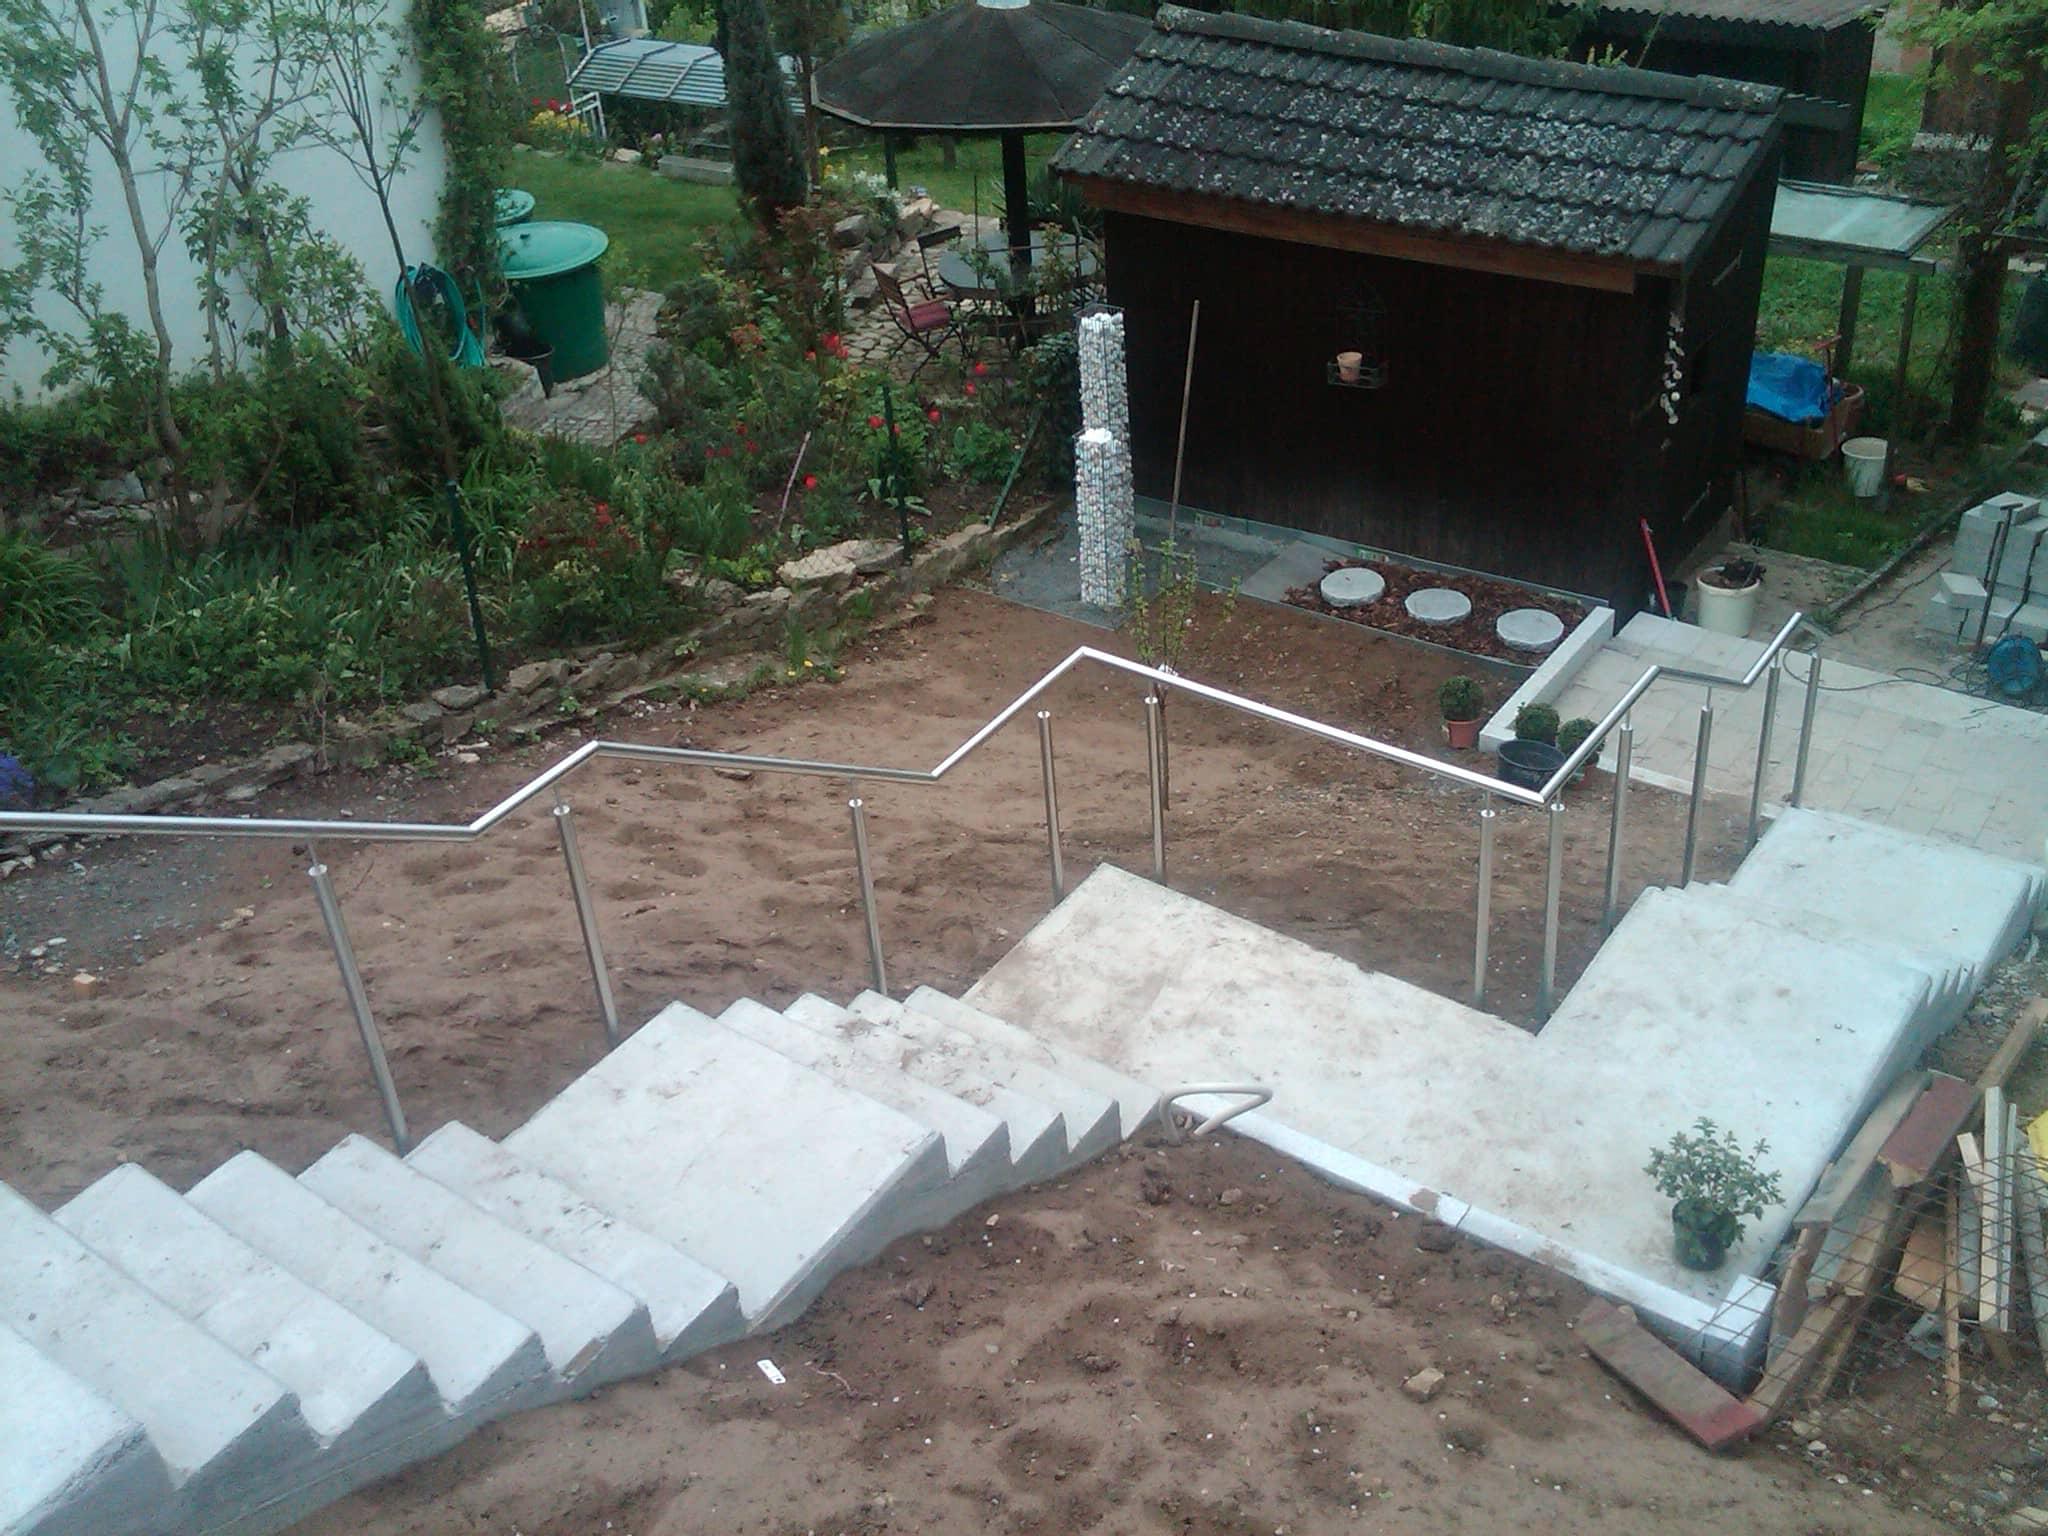 An Gelände angepasstes Edelstahl-Treppengeländer von Metallbau Häusler